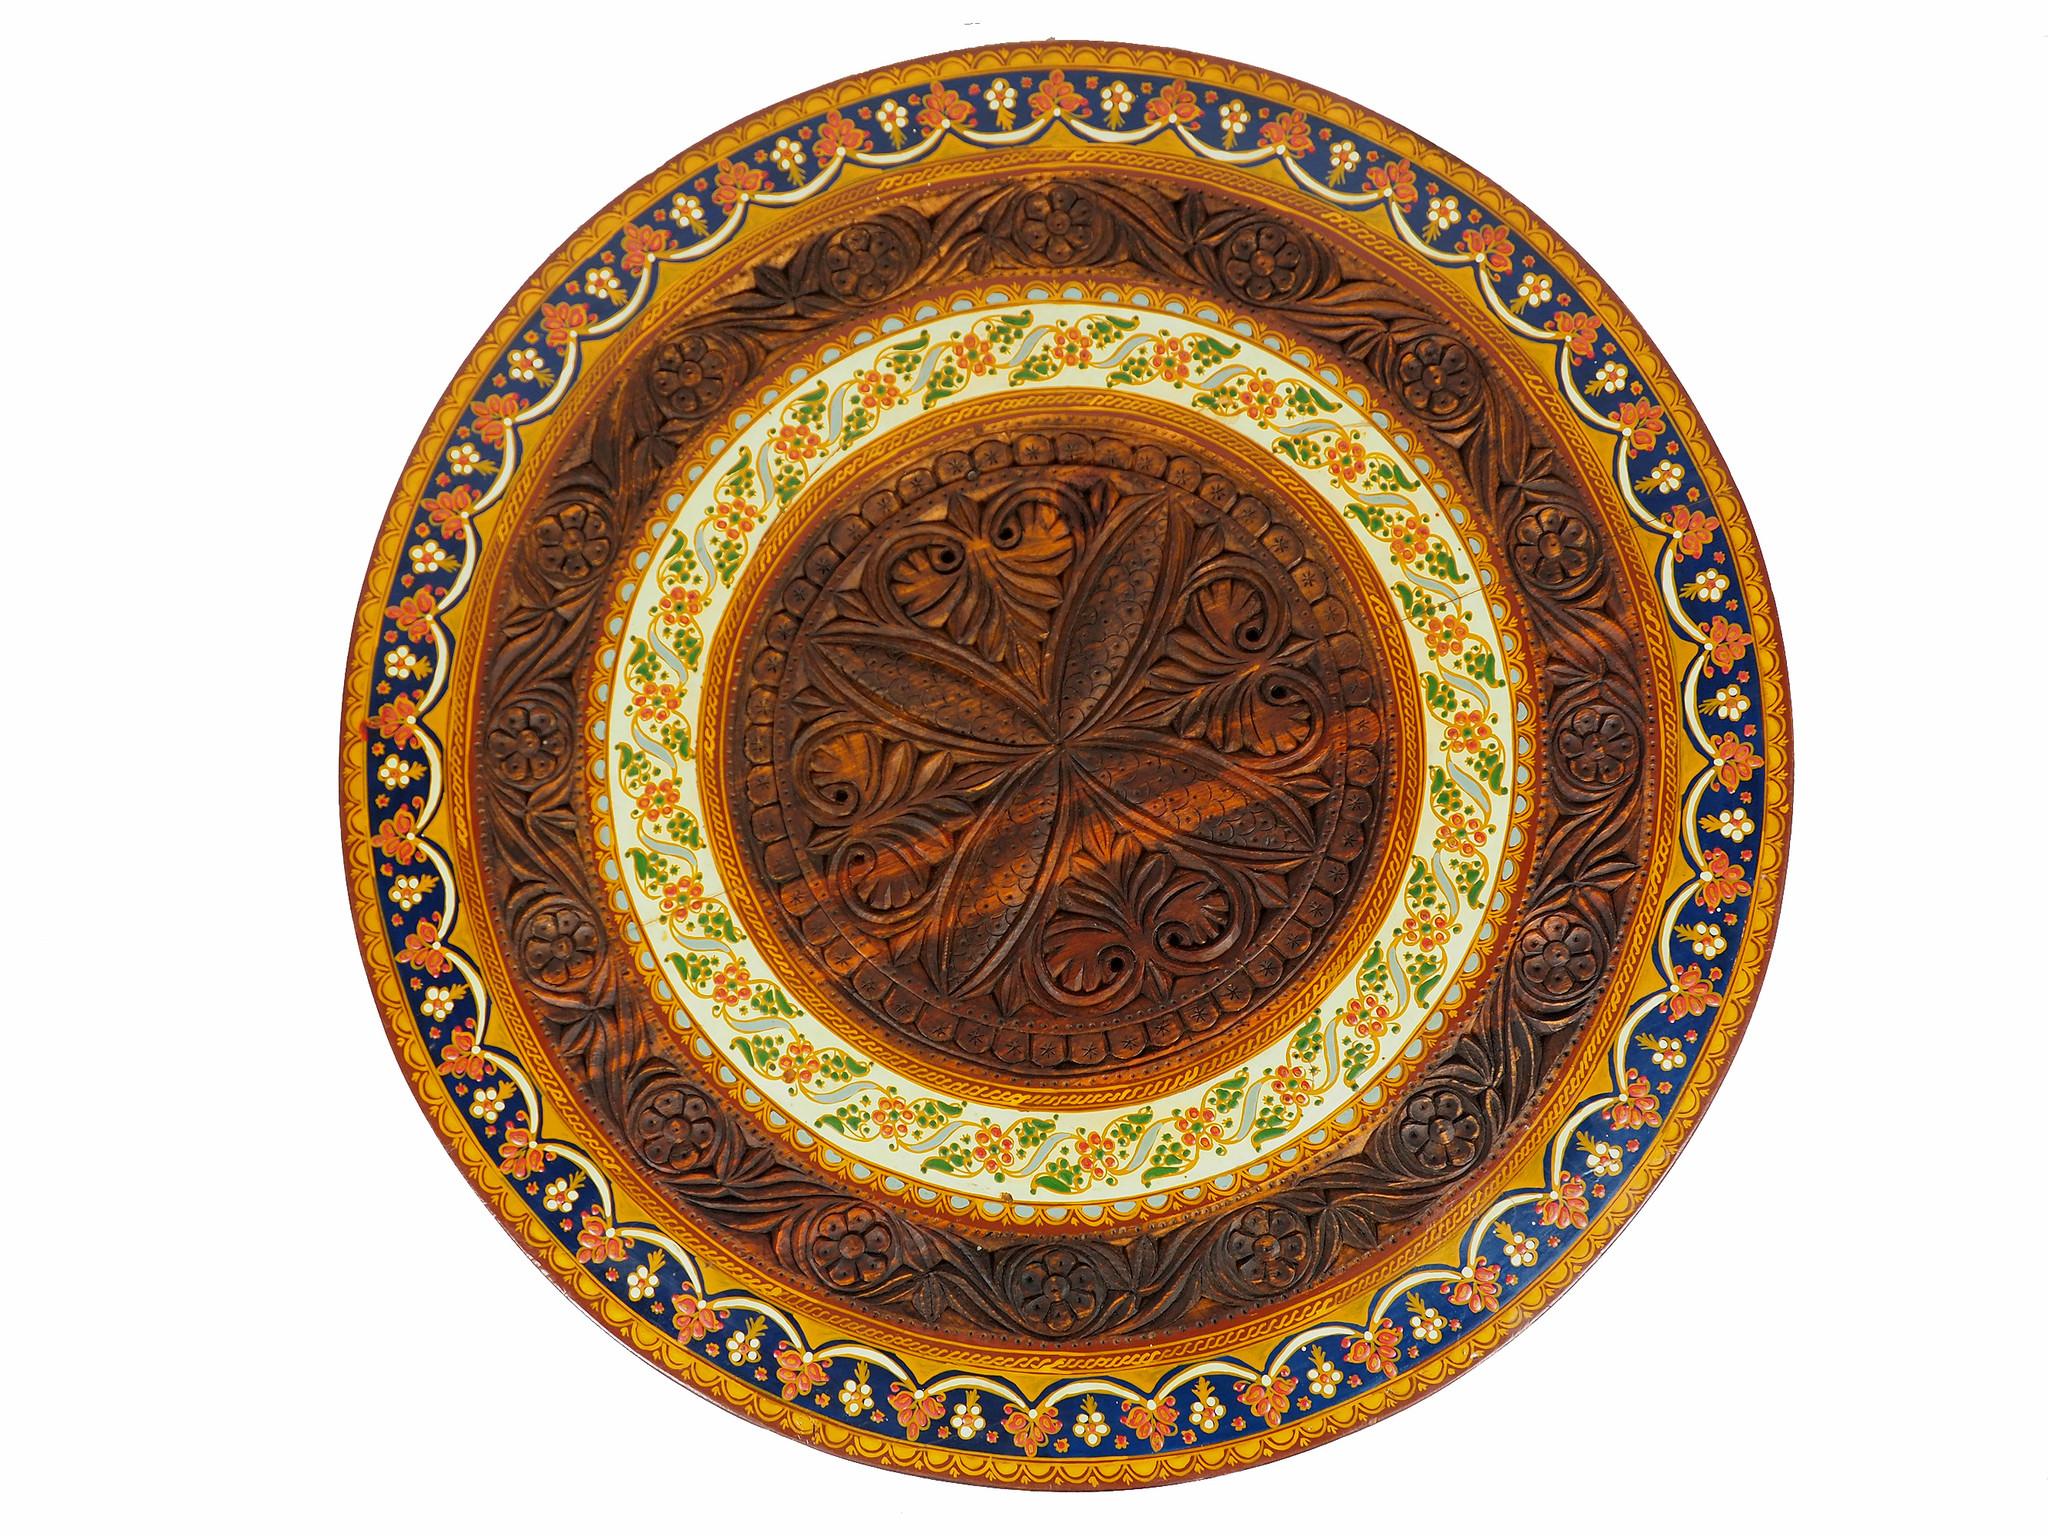 80 cm Massivholz handgeschnitzte Teetisch kolonialstil Wohnzimmertisch Tisch tisch aus Afghanistan Nuristan RUND